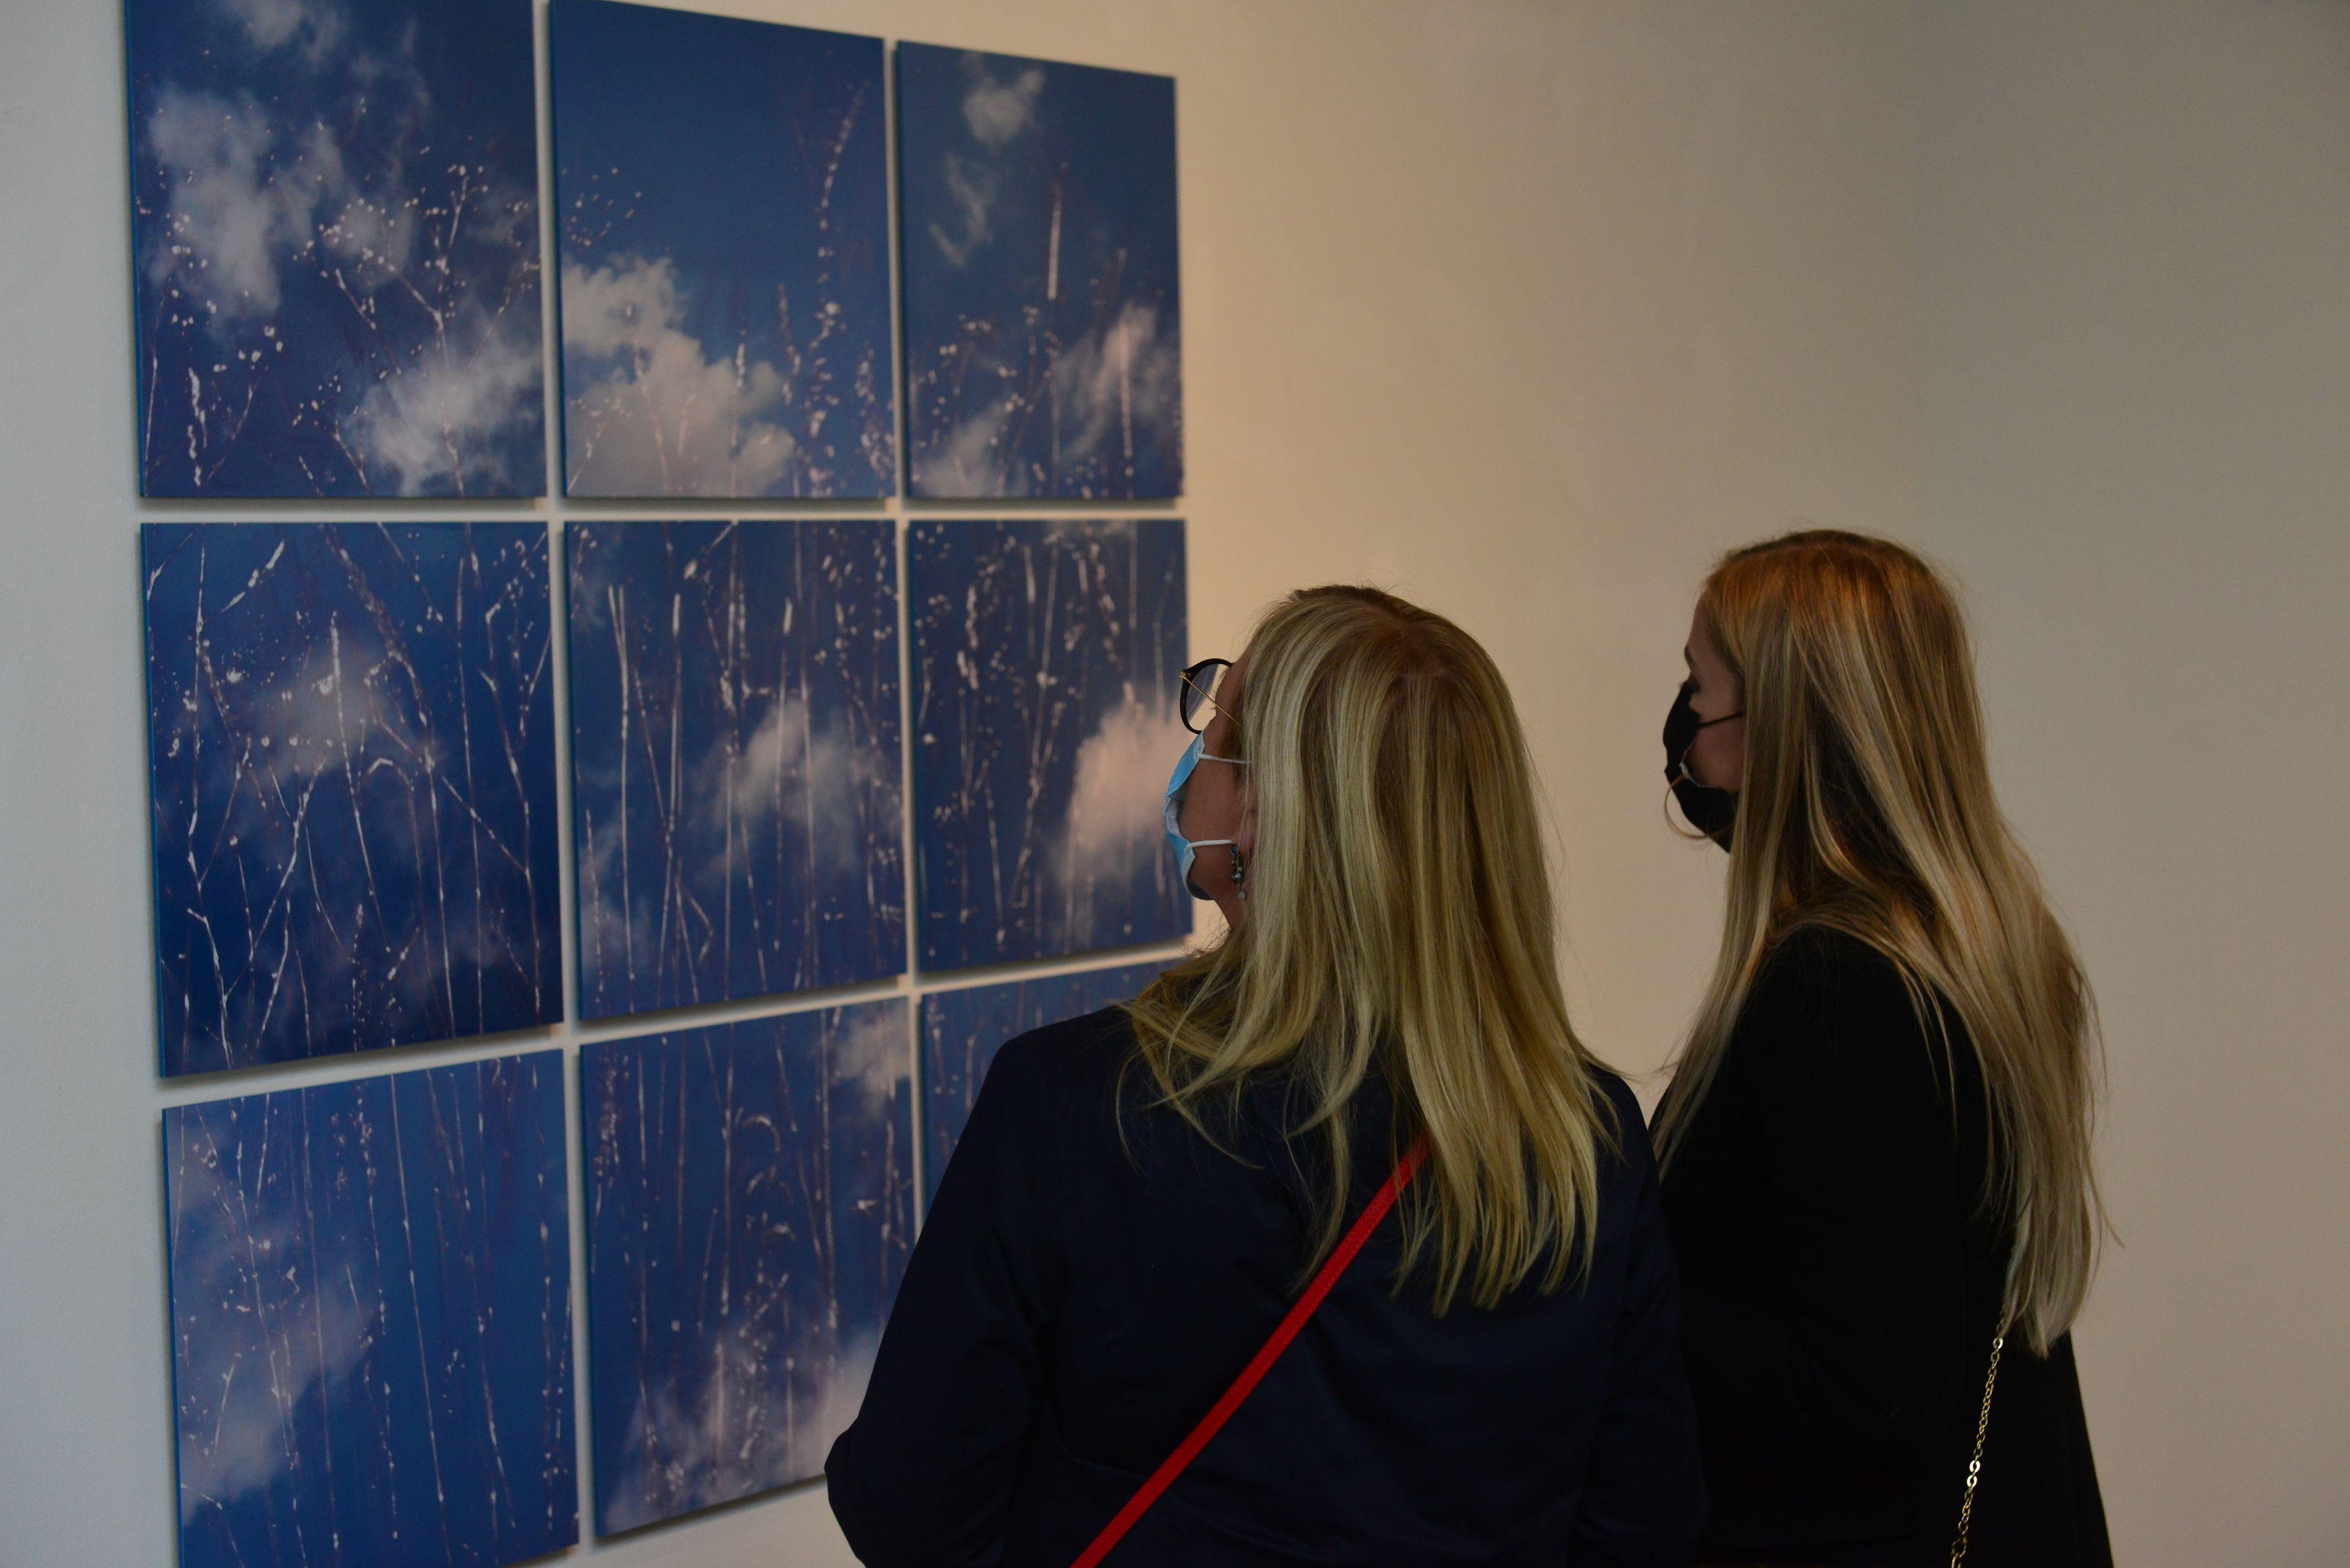 Spezielle Technik: Mit der von ihm entwickelten Bearbeitungstechnik des Frotaggierens schafft es der Bremer Künstler Werner Henkel, seine Fotodokumentation von Himmelsfotos als Lyrik zu sehen und Gräser nahezu materiell zu vergeistigen. Foto: Heidkamp